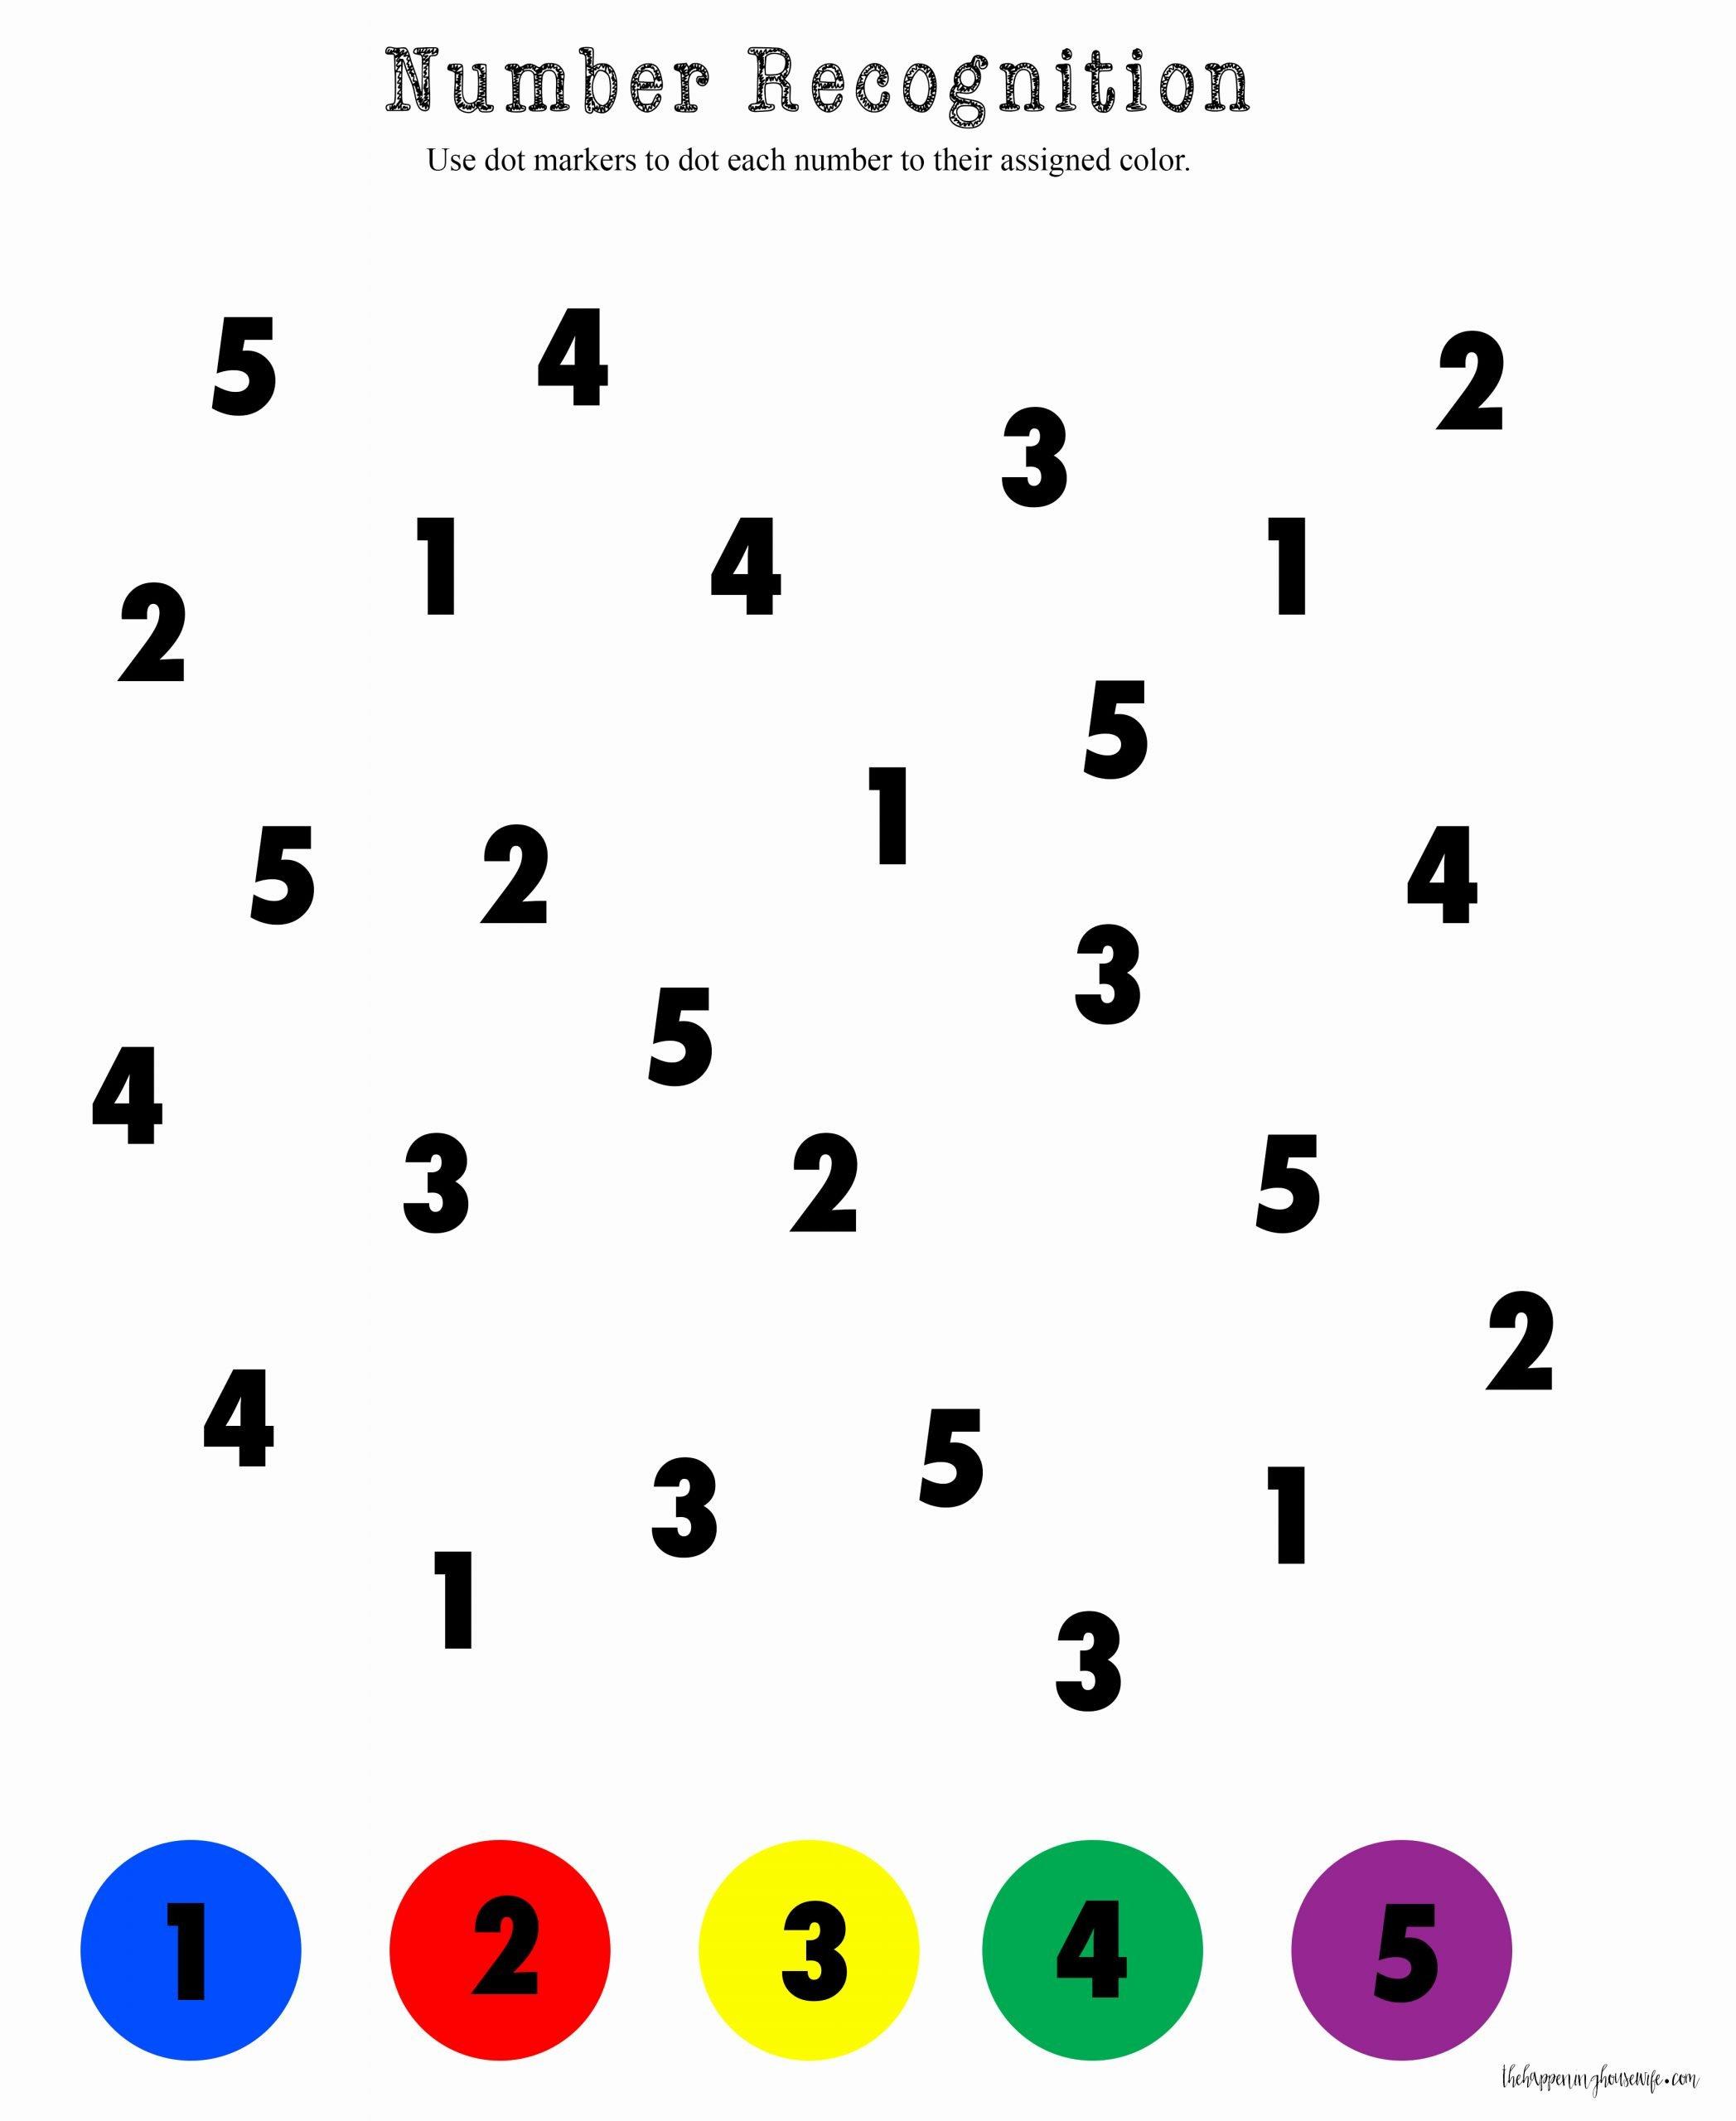 Worksheets for Preschoolers Number Recognition Free Number Recognition Worksheets for Download Number